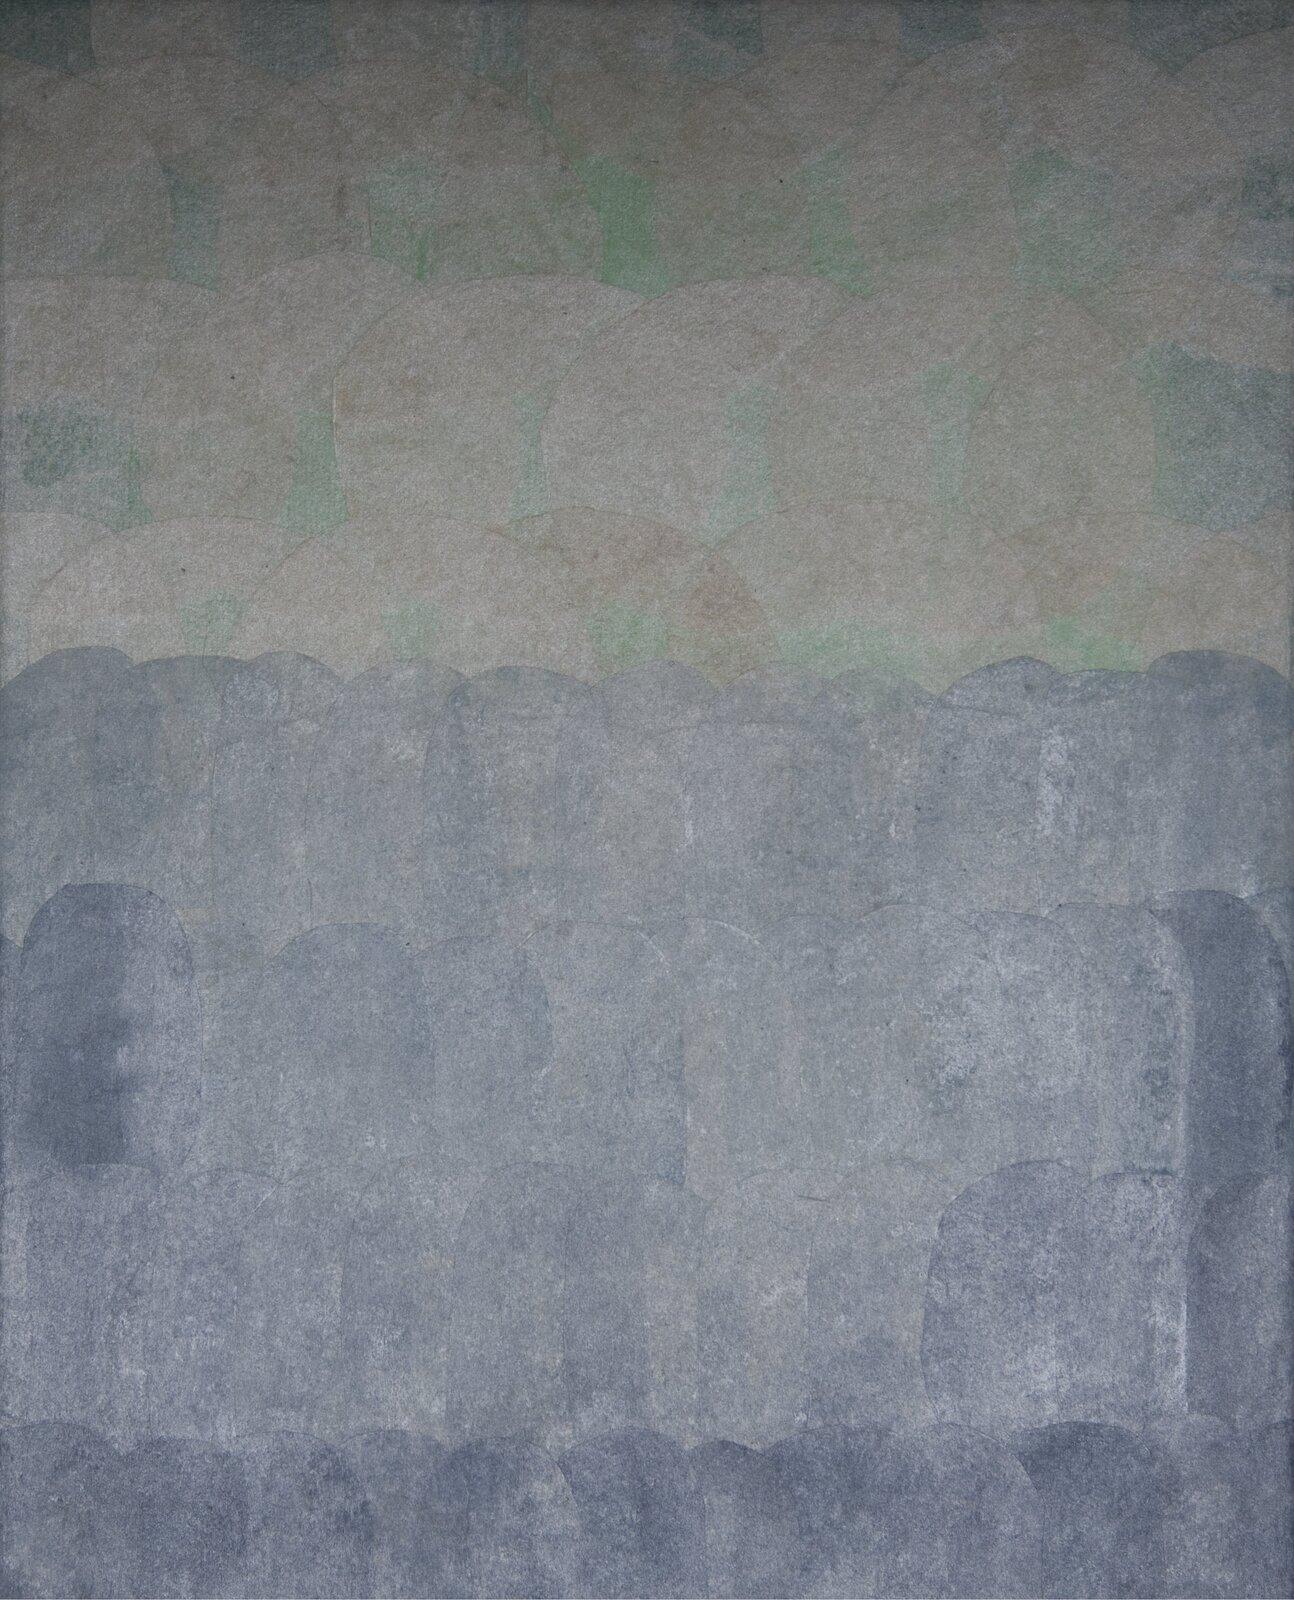 """Ilustracja przedstawia obraz """"Morze II"""" autorstwa Joanny Chołaścińskiej. Namalowana przez artystkę kompozycja balansuje na pograniczu abstrakcji ifiguracji. Przy pomocy prostych, jednolitych, okrągłych plam stworzyła ona obraz przywodzący na myśl morze. Praca podzielona jest na dwie części. Górna, węższa część wypełniona jest okrągłymi, zielono-brązowymi kształtami. Dolną, ciemniejszą partię obrazu wypełniają cztery rzędy szaro-niebieskich plam, tworzące uproszczoną taflę wody. Praca została wykonana wwąskiej, chłodnej, szaro-zielono-brązowej gamie barw."""